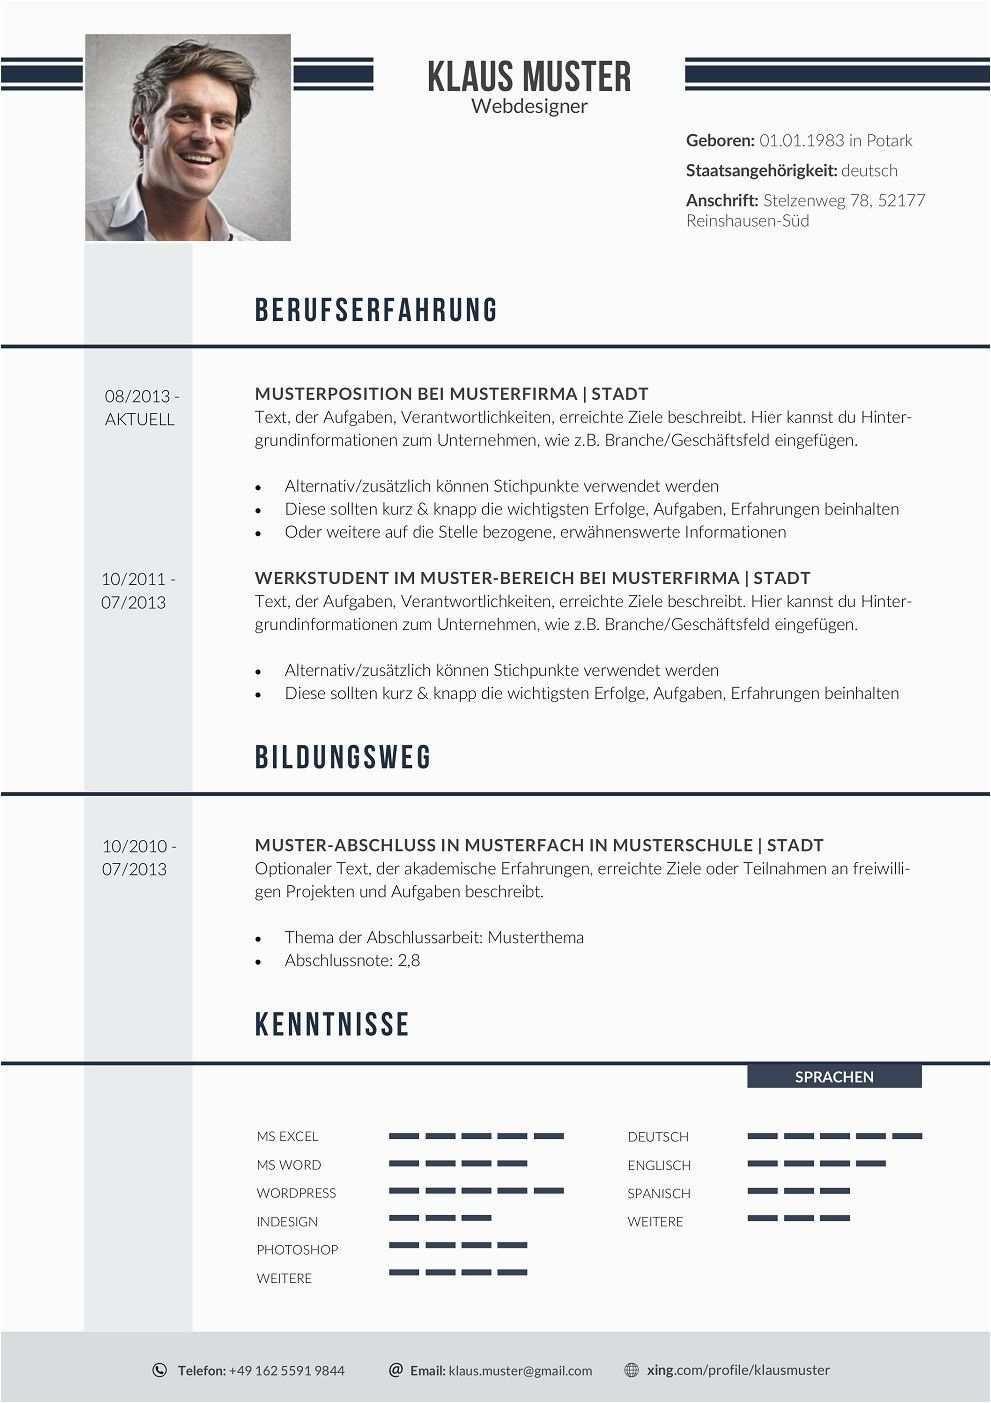 Klassisch Konservative Lebenslauf Designs In 2020 Vorlagen Lebenslauf Lebenslauf Lebenslauf Design